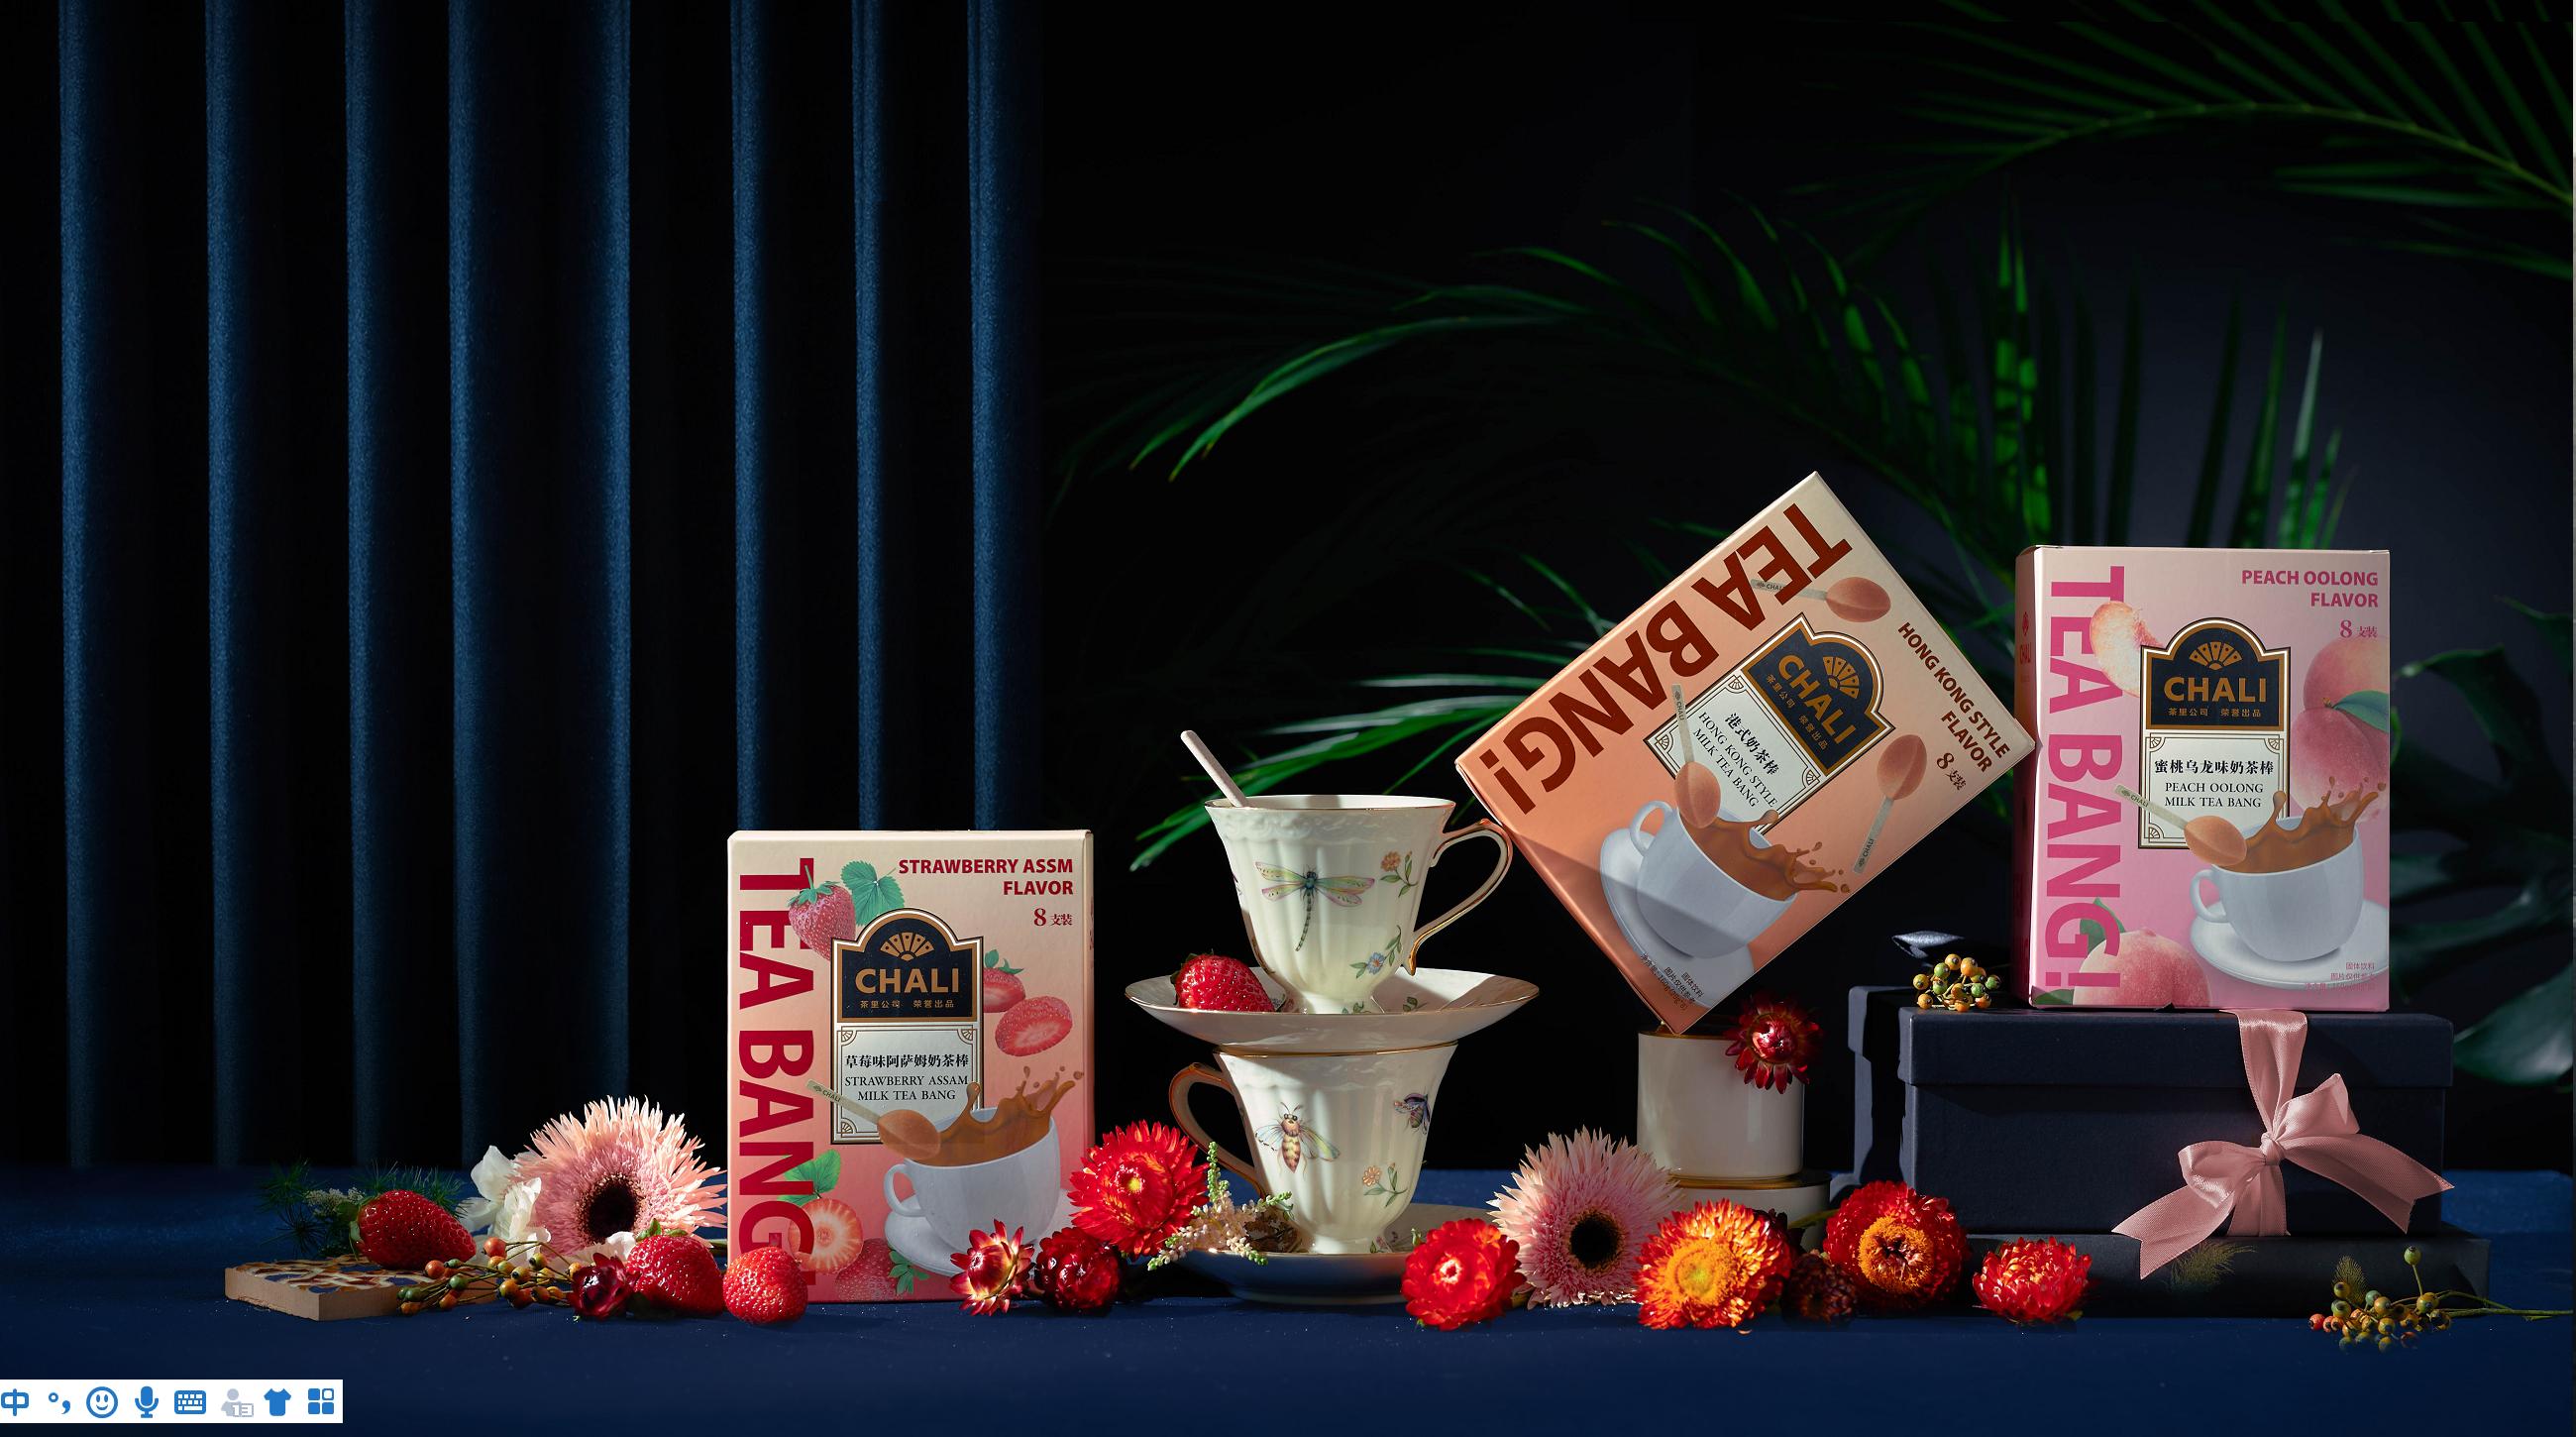 茶包品牌「CHALI茶里」获亿元级B轮融资,聚焦茶产品创新